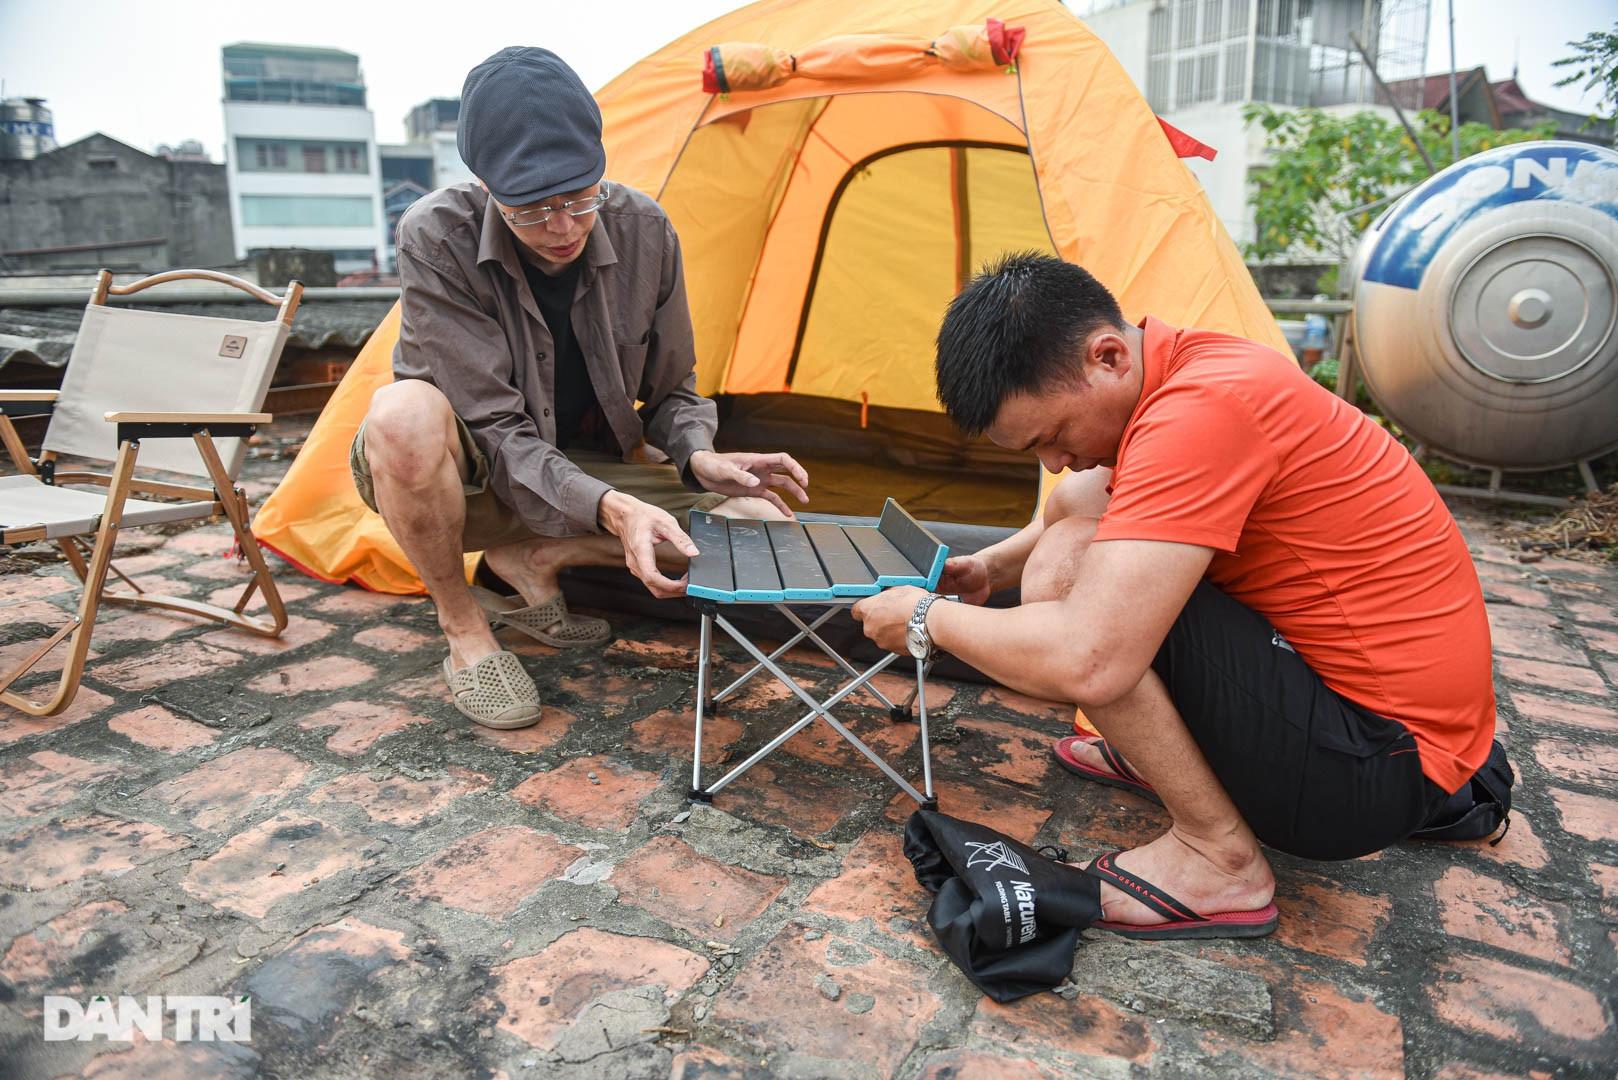 Thèm du lịch, giới trẻ đầu tư cắm trại tại gia: Chỉ ngắm nóc nhà vẫn vui-5